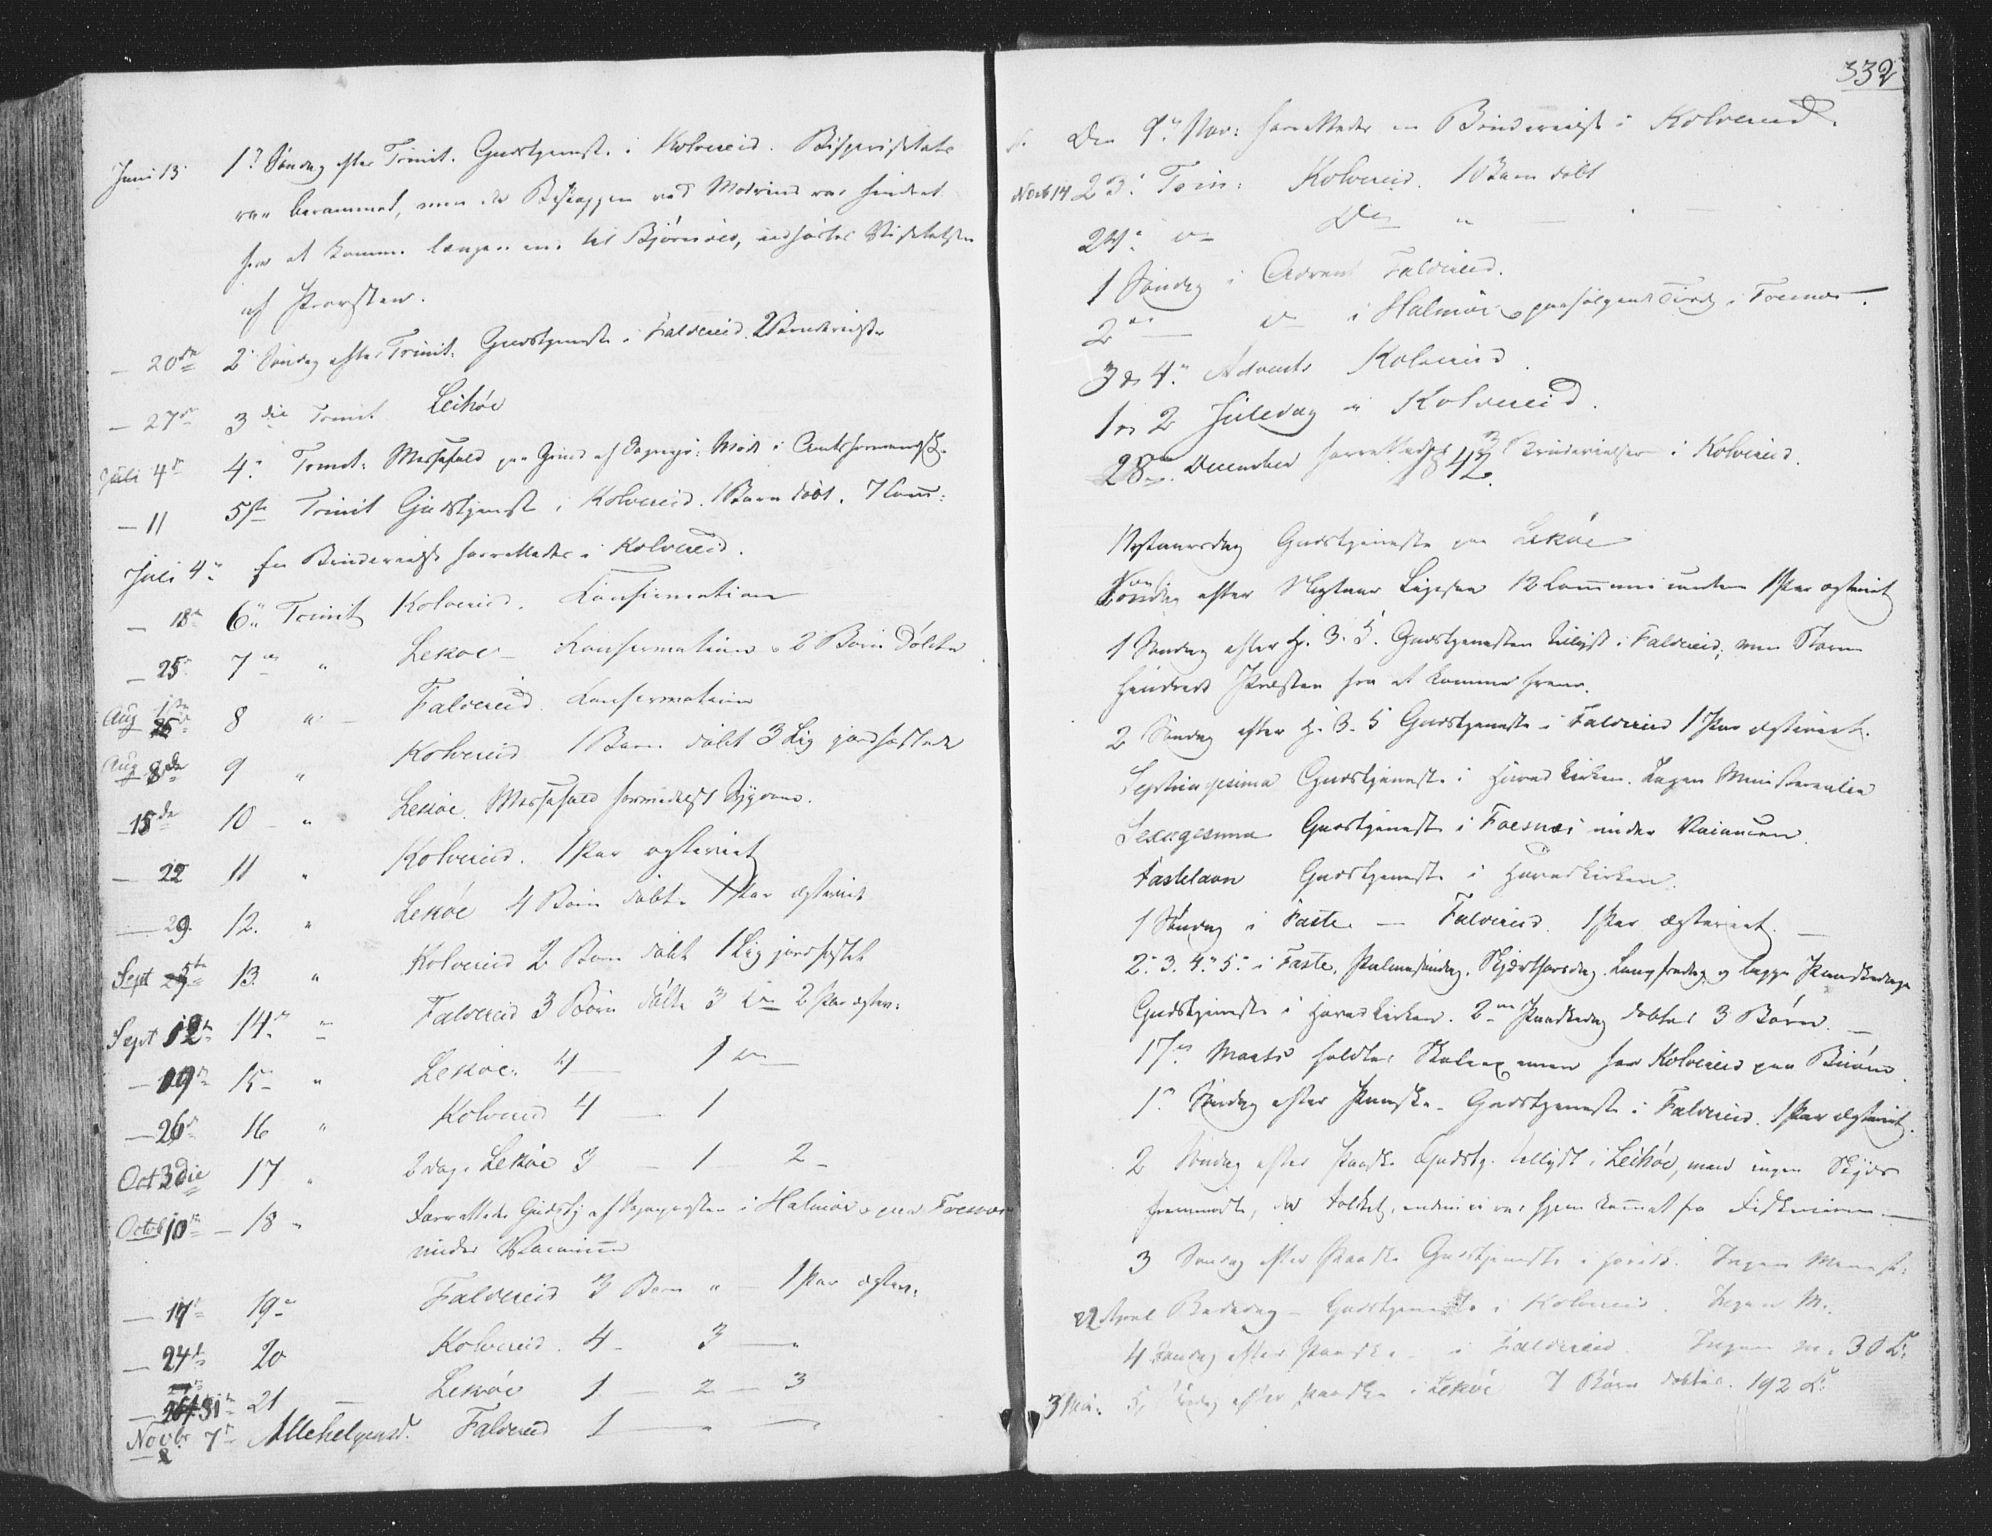 SAT, Ministerialprotokoller, klokkerbøker og fødselsregistre - Nord-Trøndelag, 780/L0639: Ministerialbok nr. 780A04, 1830-1844, s. 332